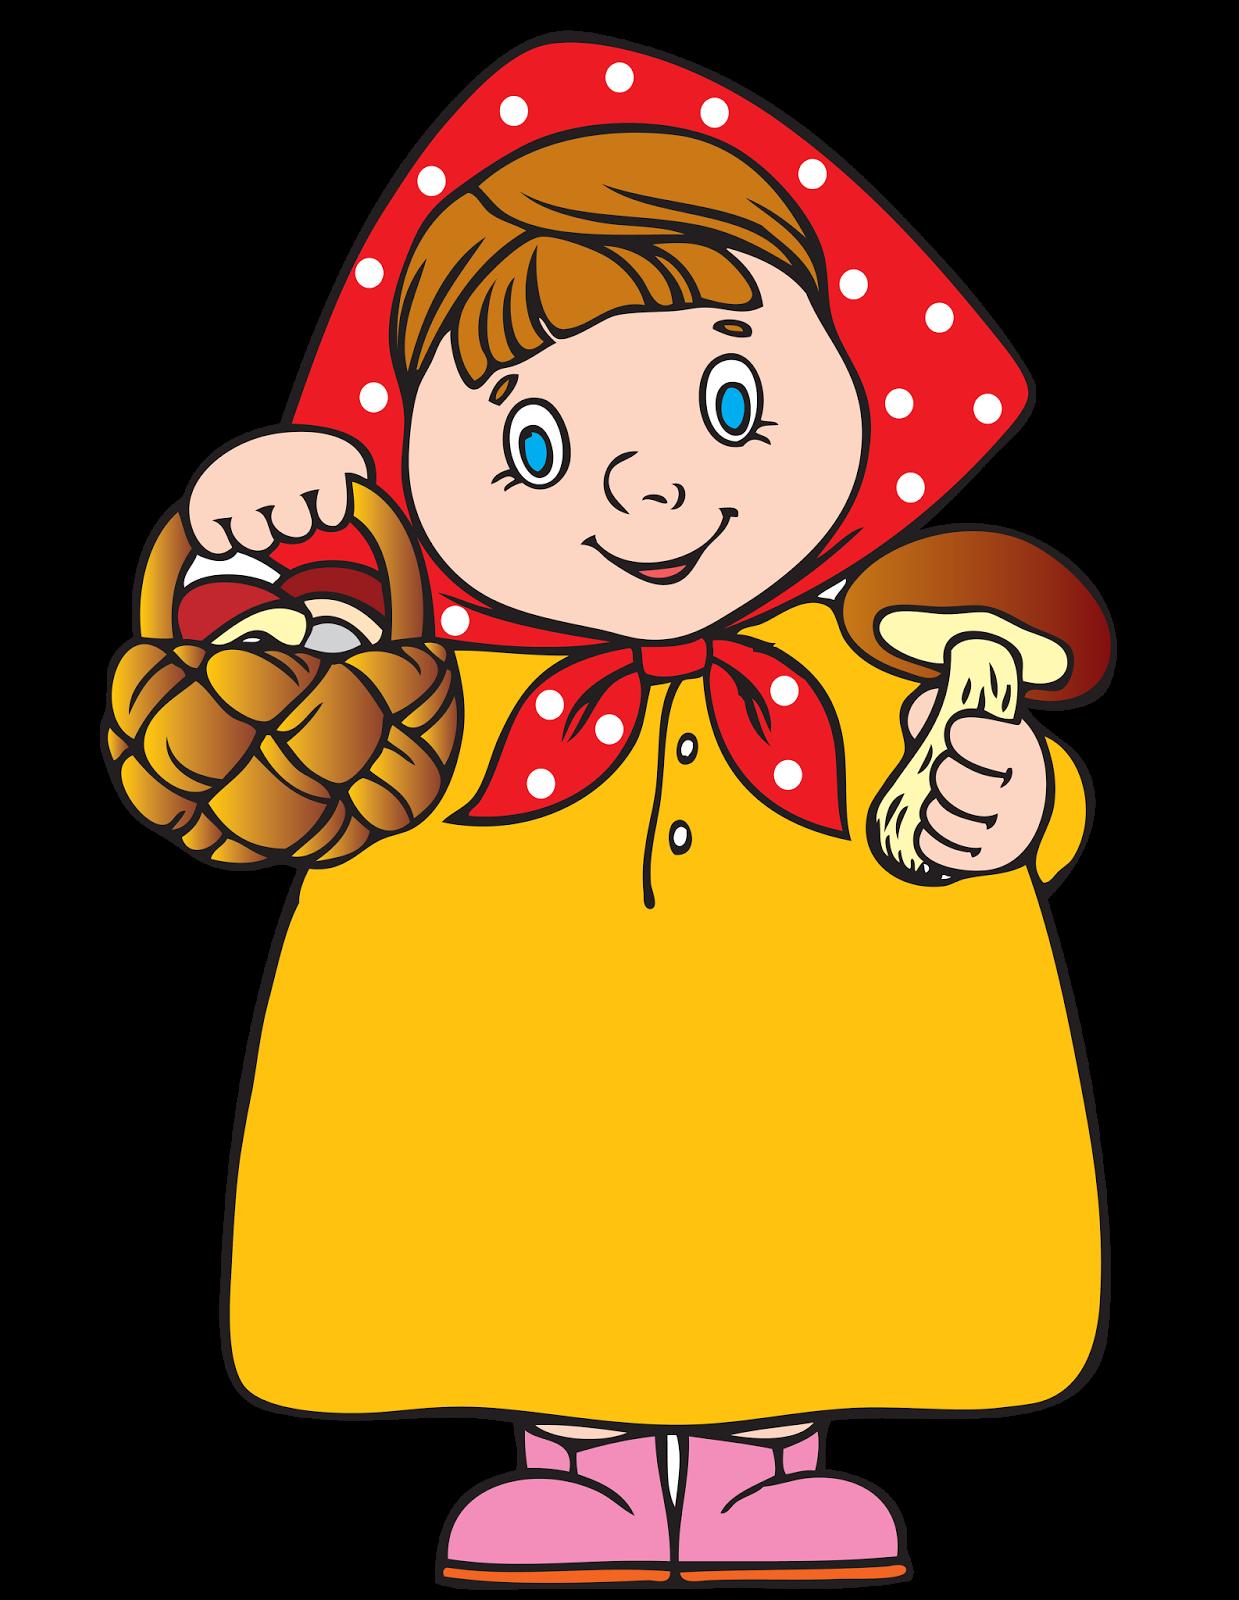 Картинка девочка в осенней одежде с корзинкой